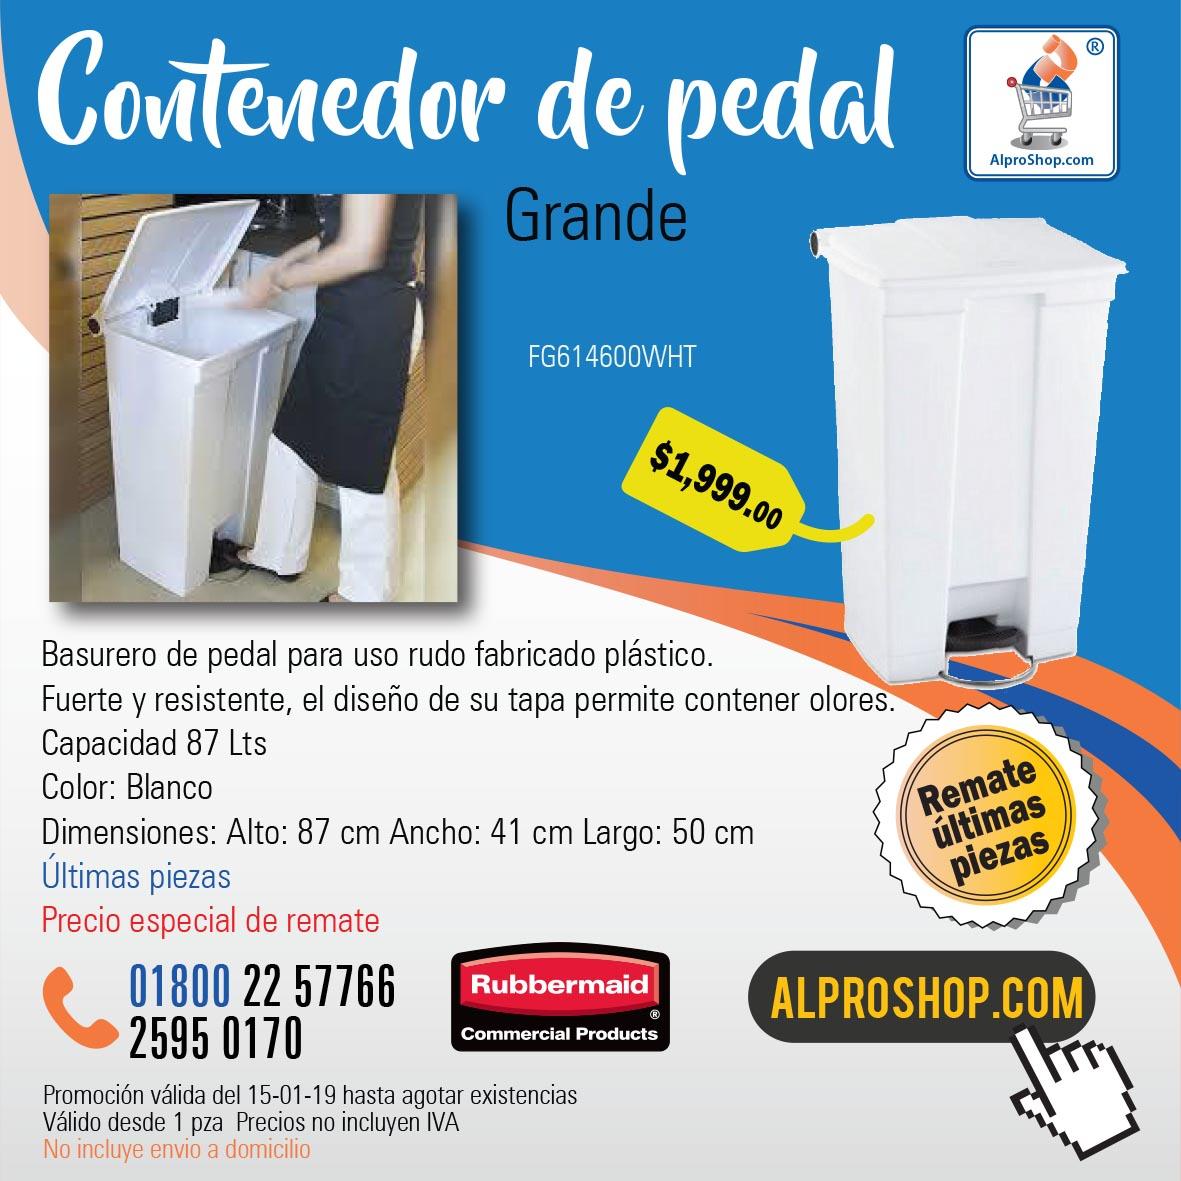 contenedor-de-pedal-grande.jpg